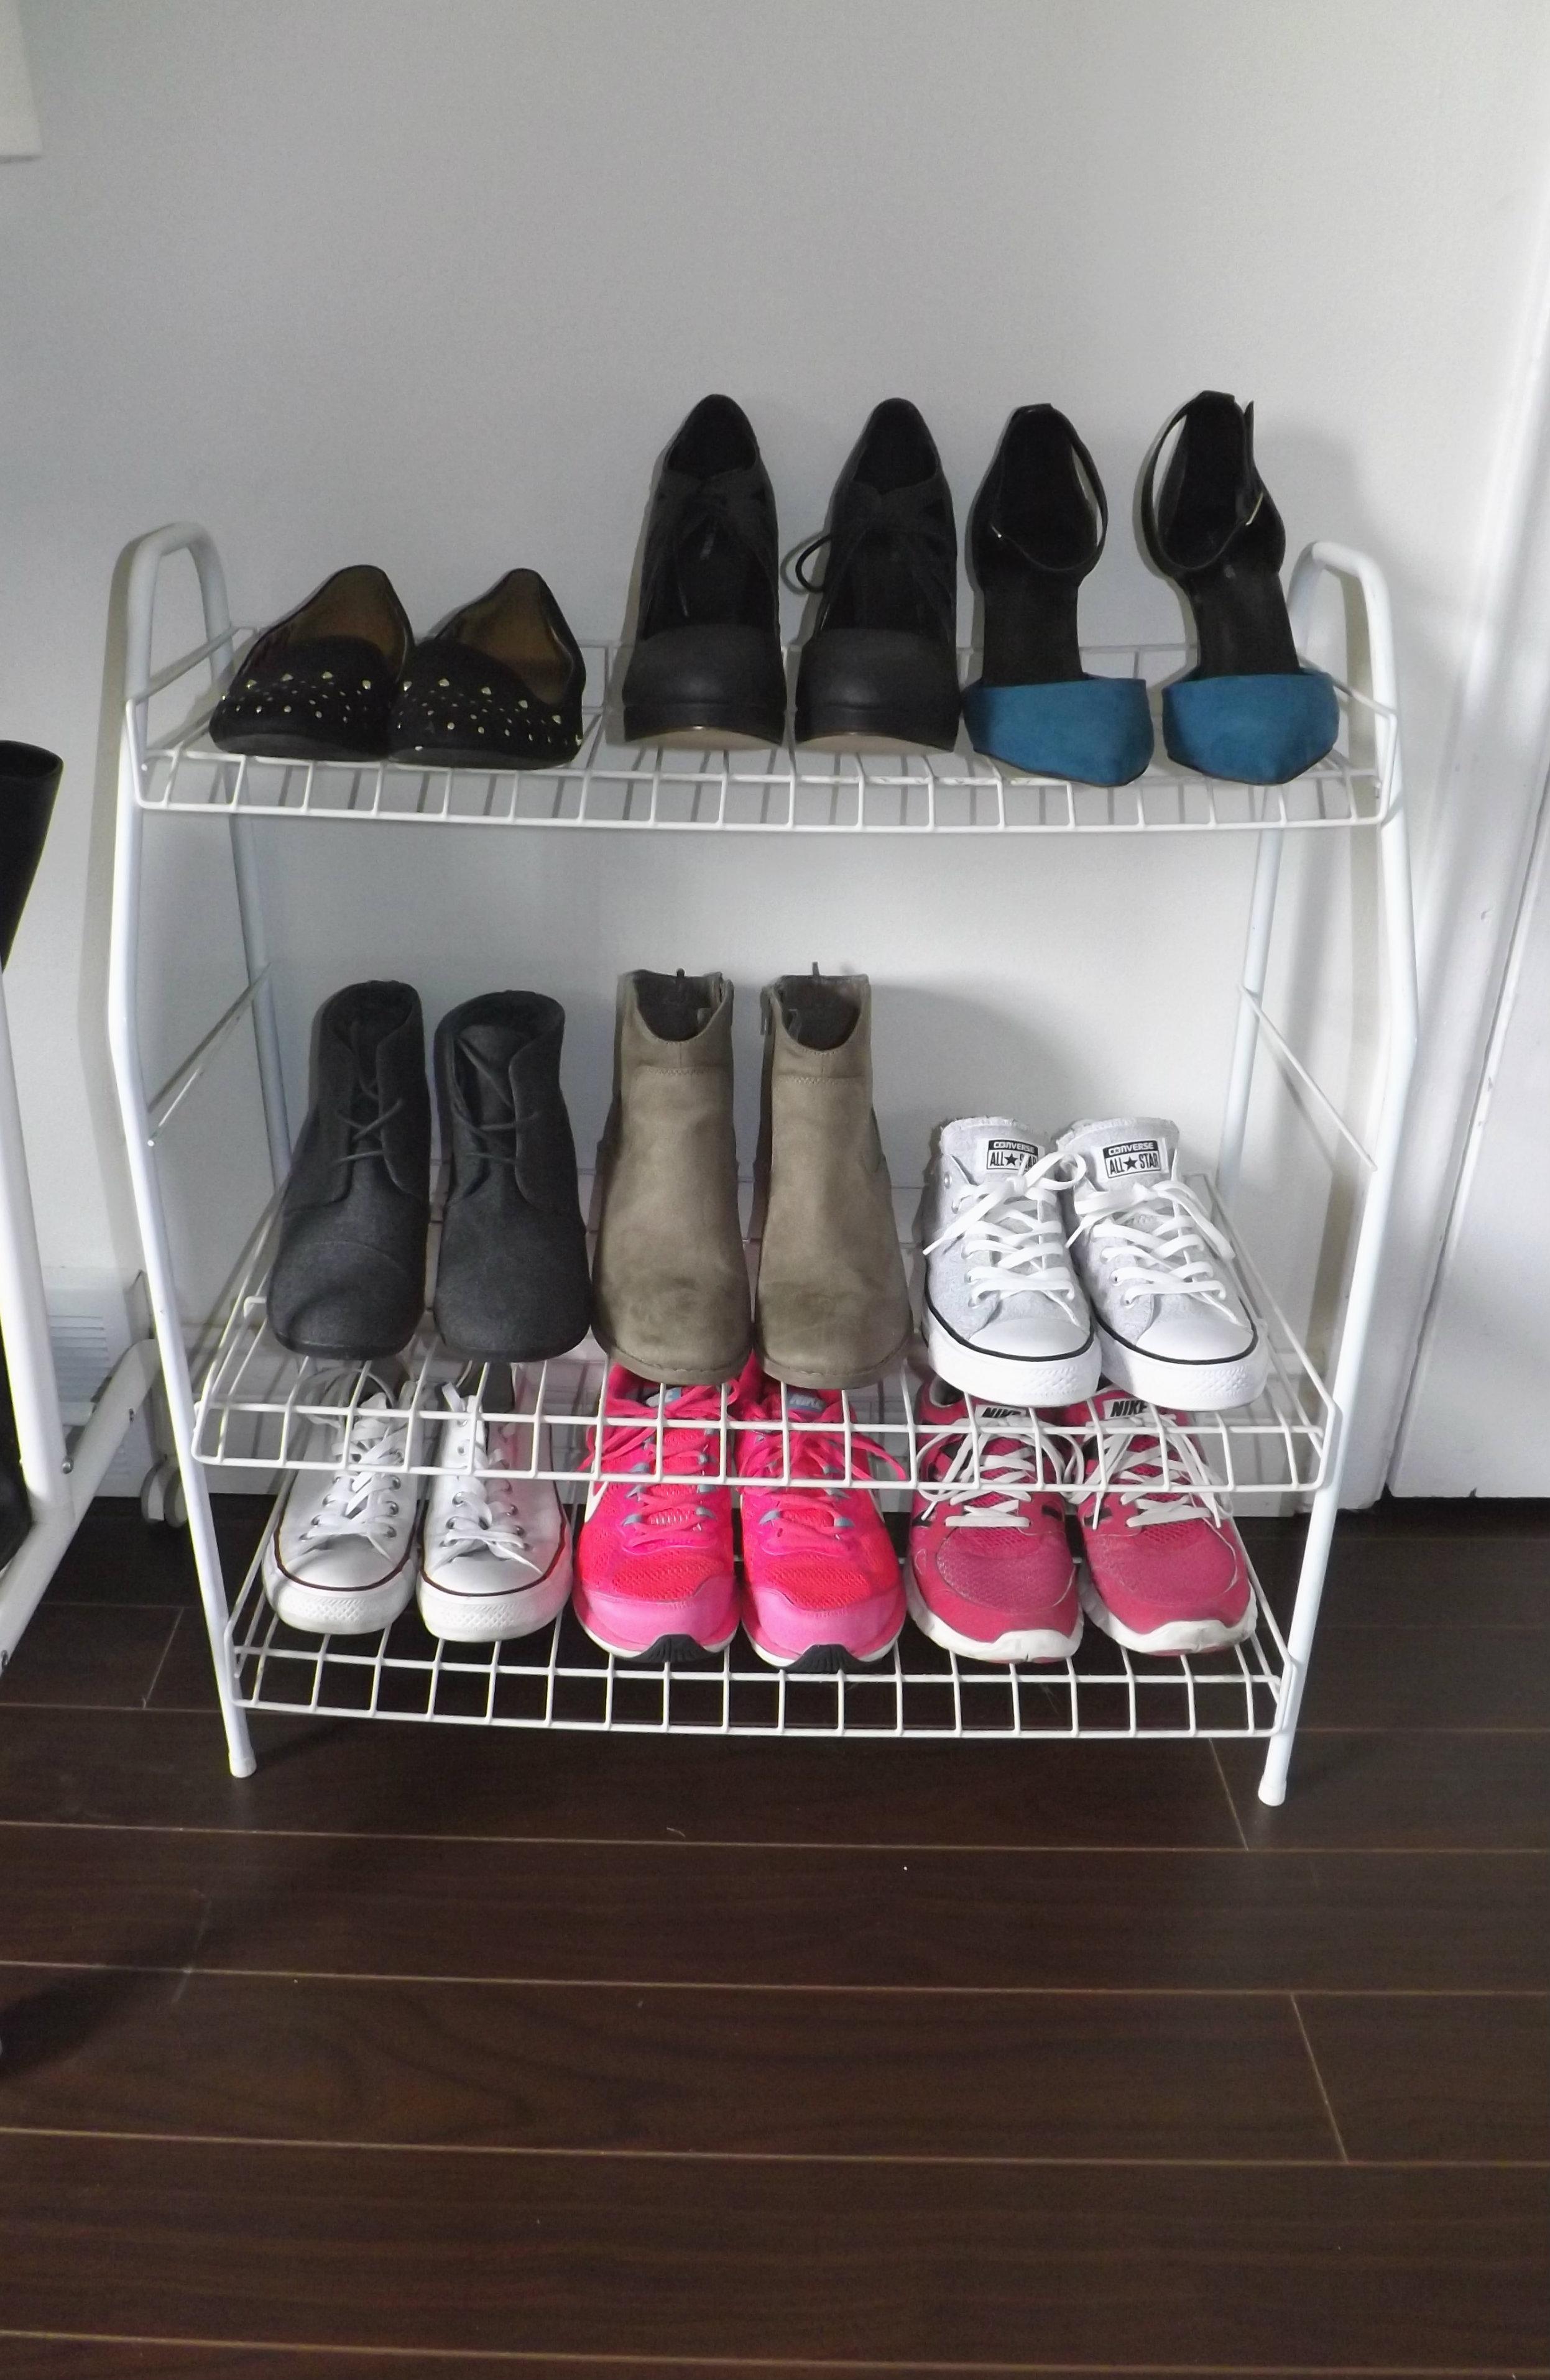 Shoe Rack | Tall Girl Meets World